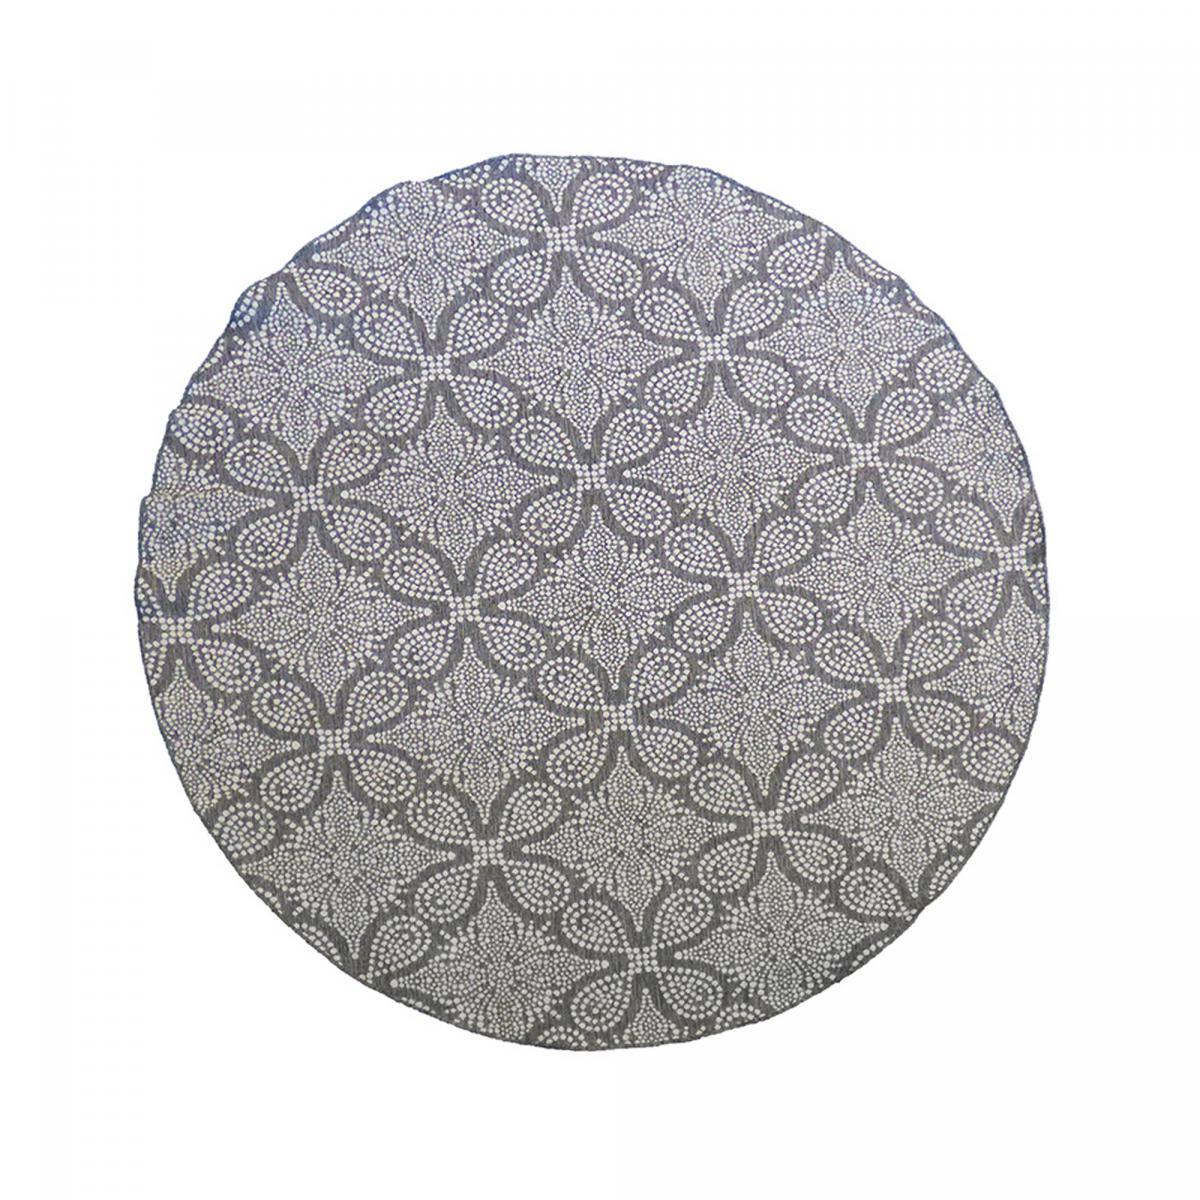 Tapis extérieur en polypropylène gris 160x160 rond